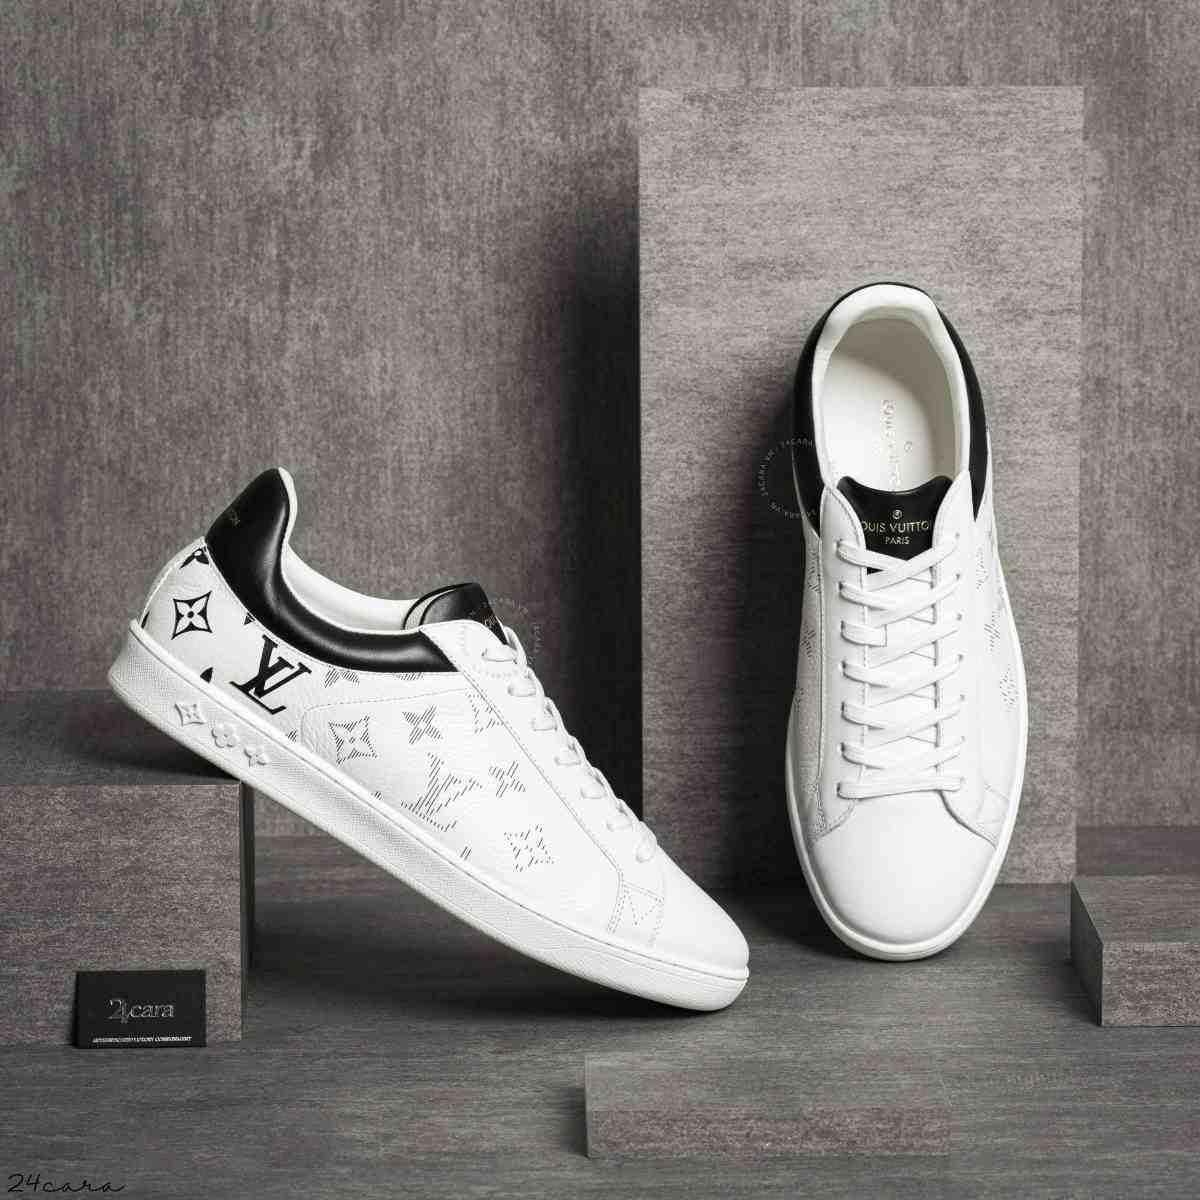 """Giày Louis Vuitton nhanh chóng """"cháy hàng"""" tại tất cả cửa hàng trên thế giới ngay khi ra mắt"""